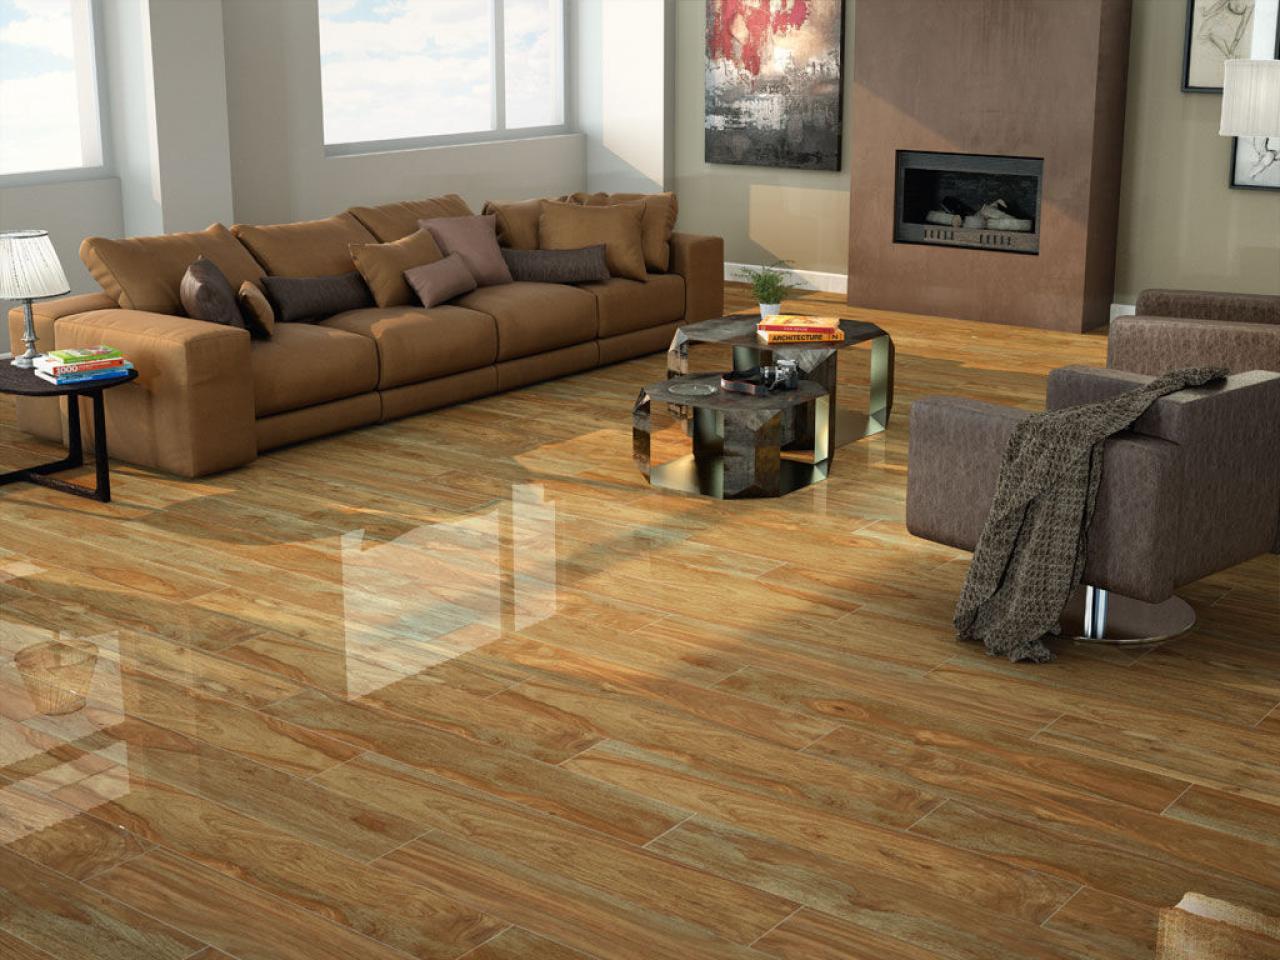 Pavimenti In Ceramica Tipo Legno Prezzi : Gres effetto legno tutte le tipologie nel negozio di piastrelle